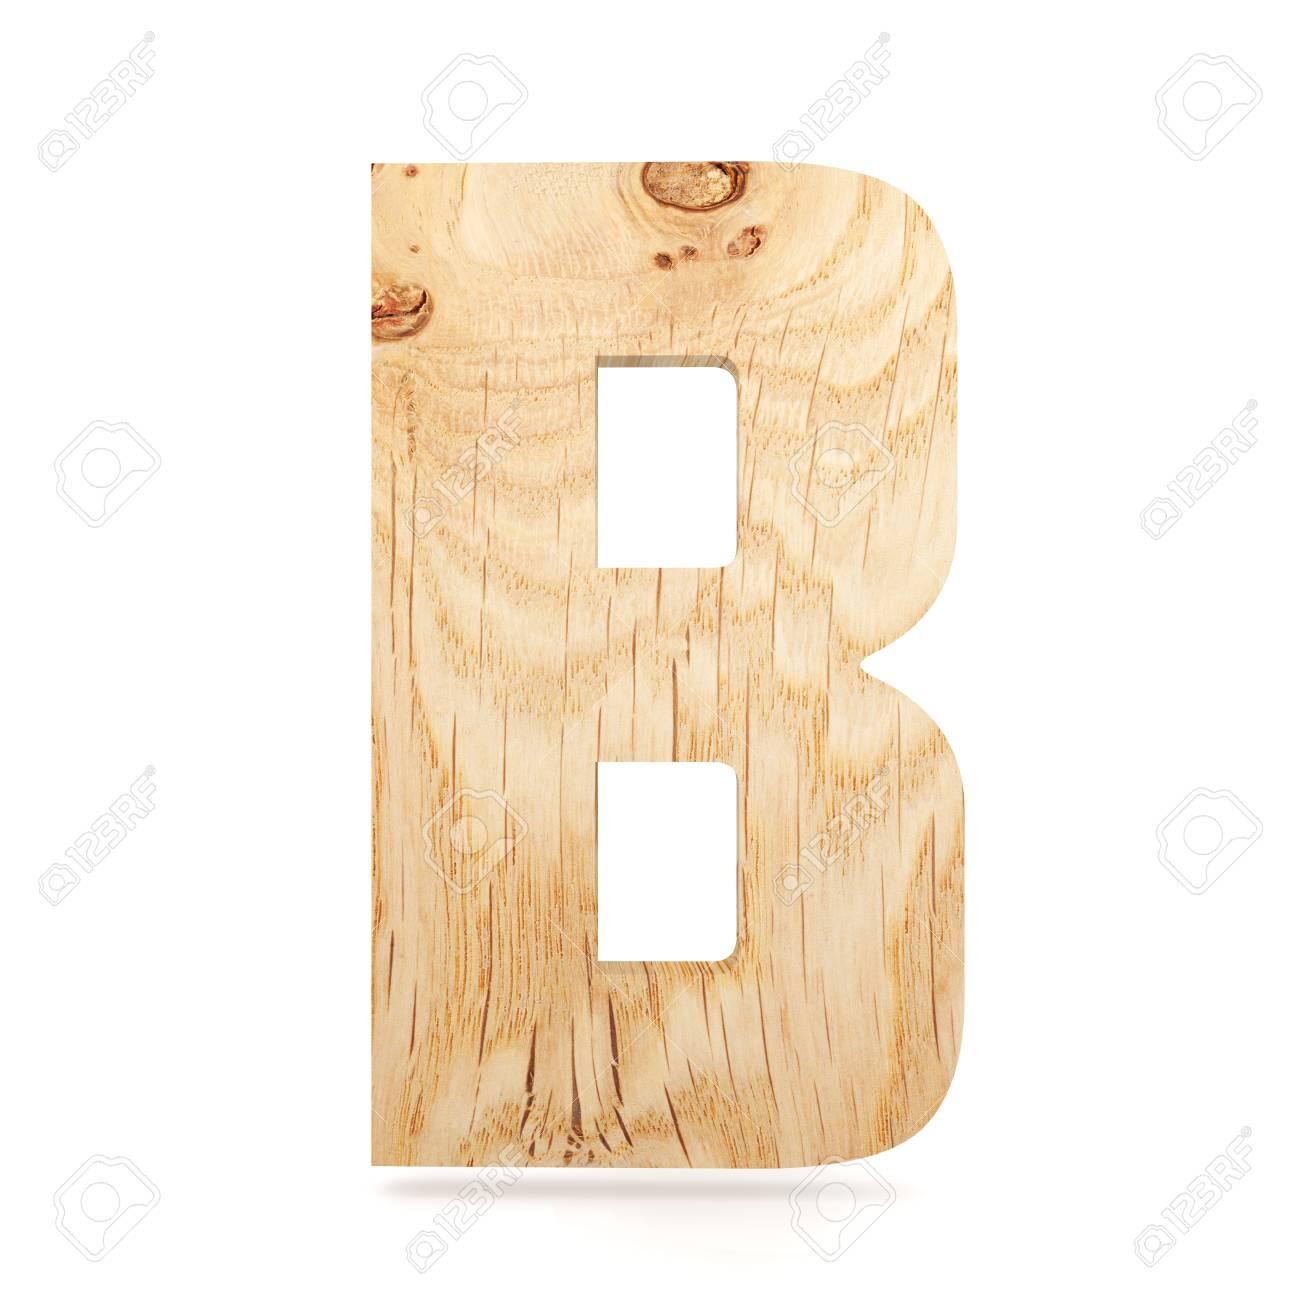 3D Decorative Wooden Alphabet, Capital Letter B Stock Photo, Picture ...